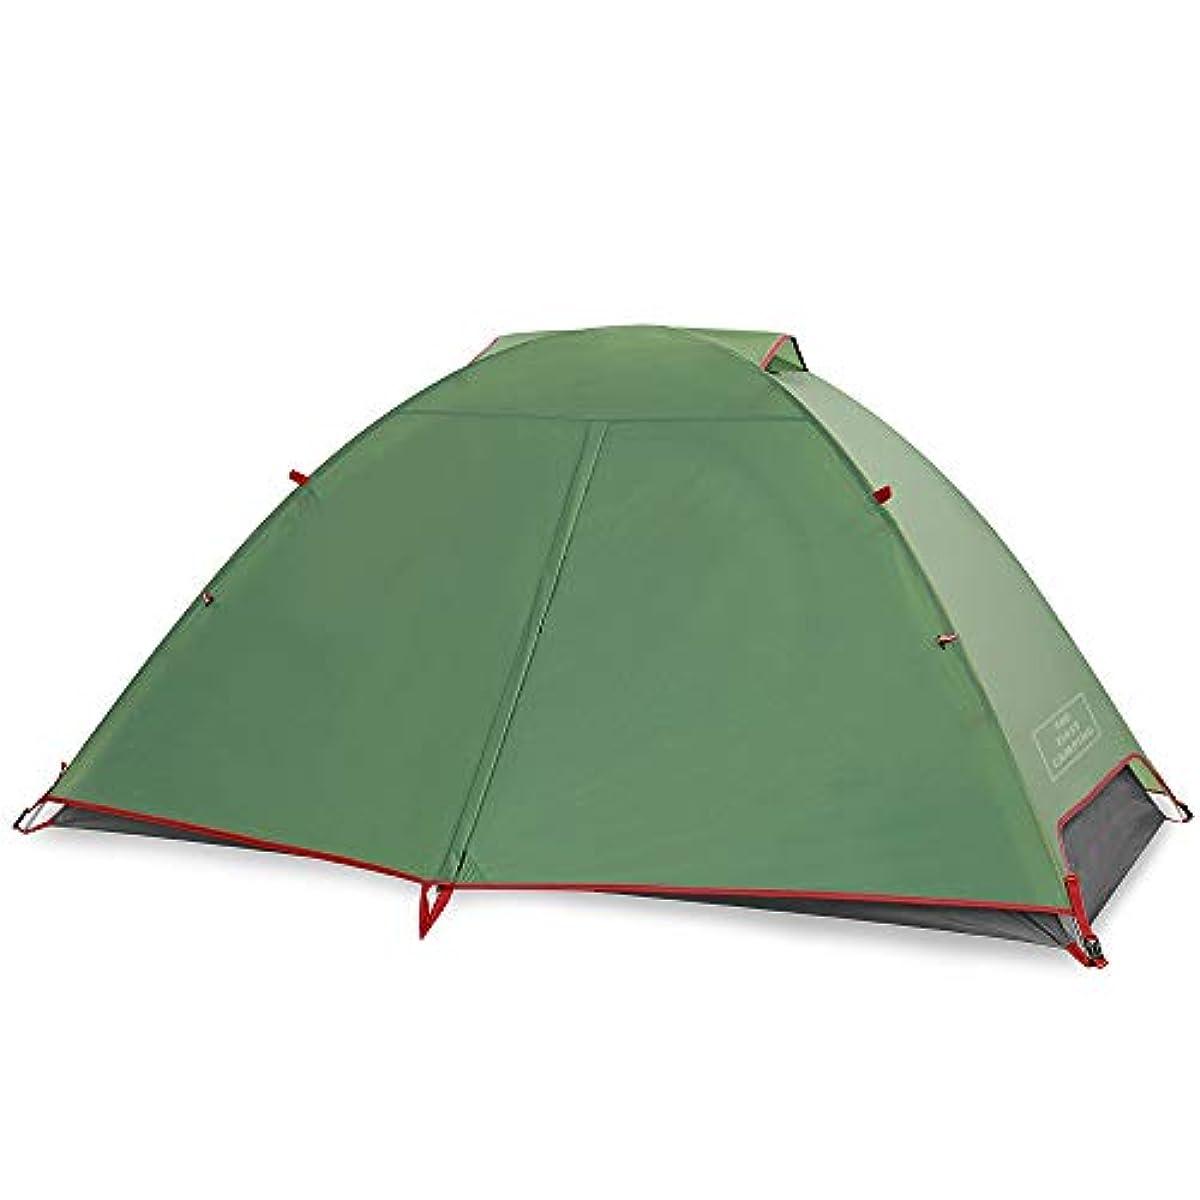 [해외] THE FIRST CAMPING 돔 2명 용 텐트 투어링(touring) 솔로 1명 용 텐트 투어링(touring) 돔 한 사람용 초경량 텐트 방풍 등산